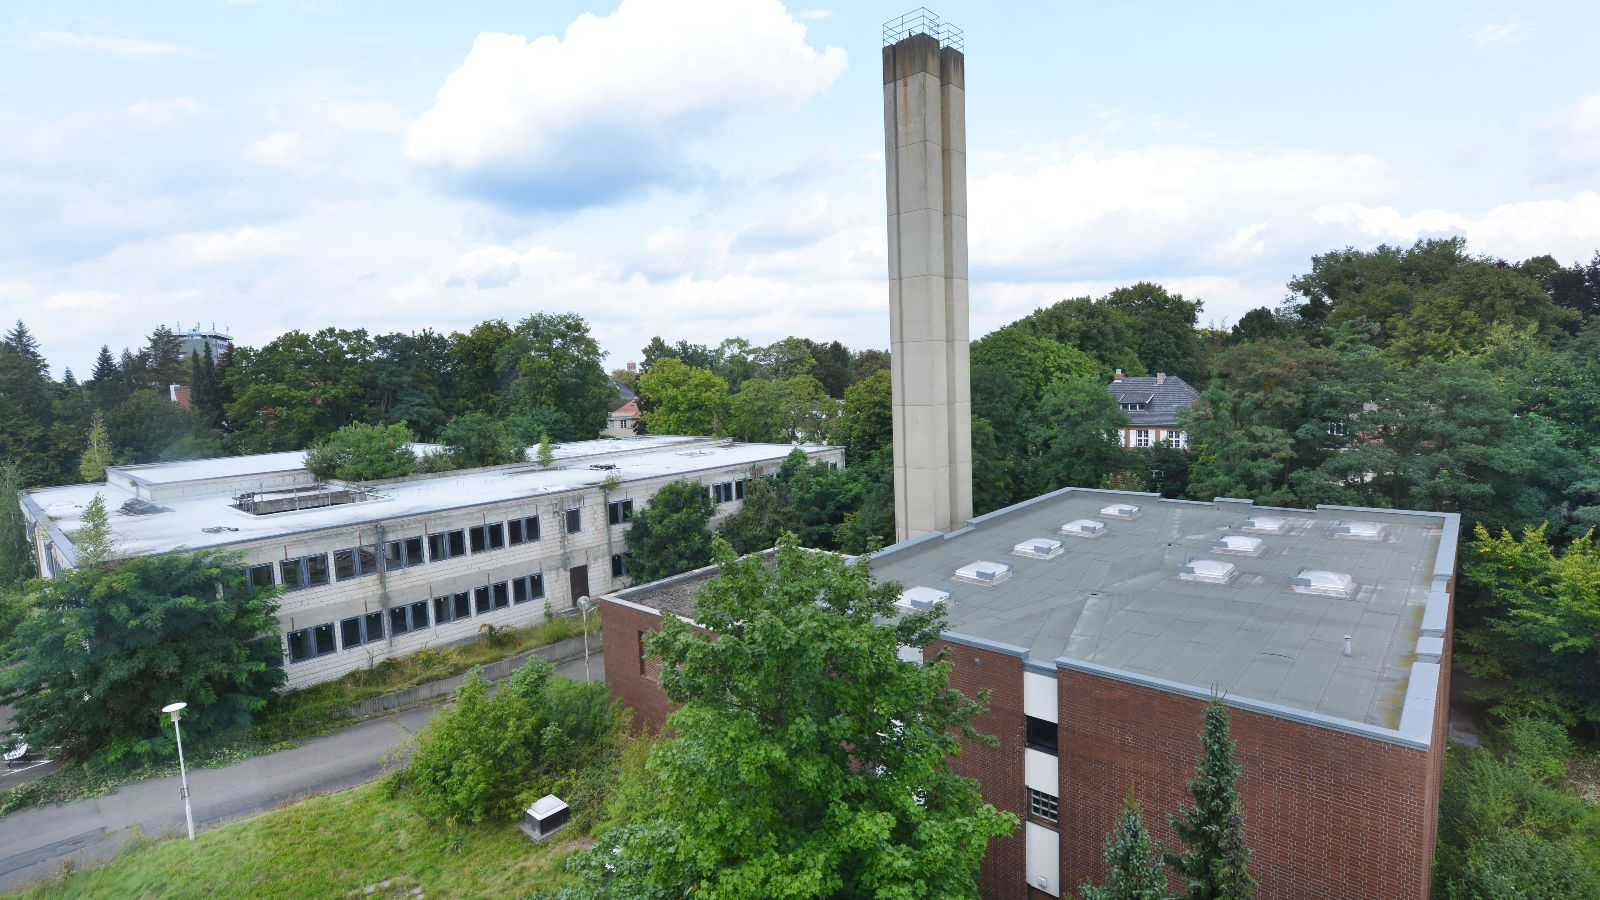 Das ehemalige Heizhaus soll neben dem Militärkrankenhaus ein zentrales Gebäude des zukünftigen FUBIC werden.